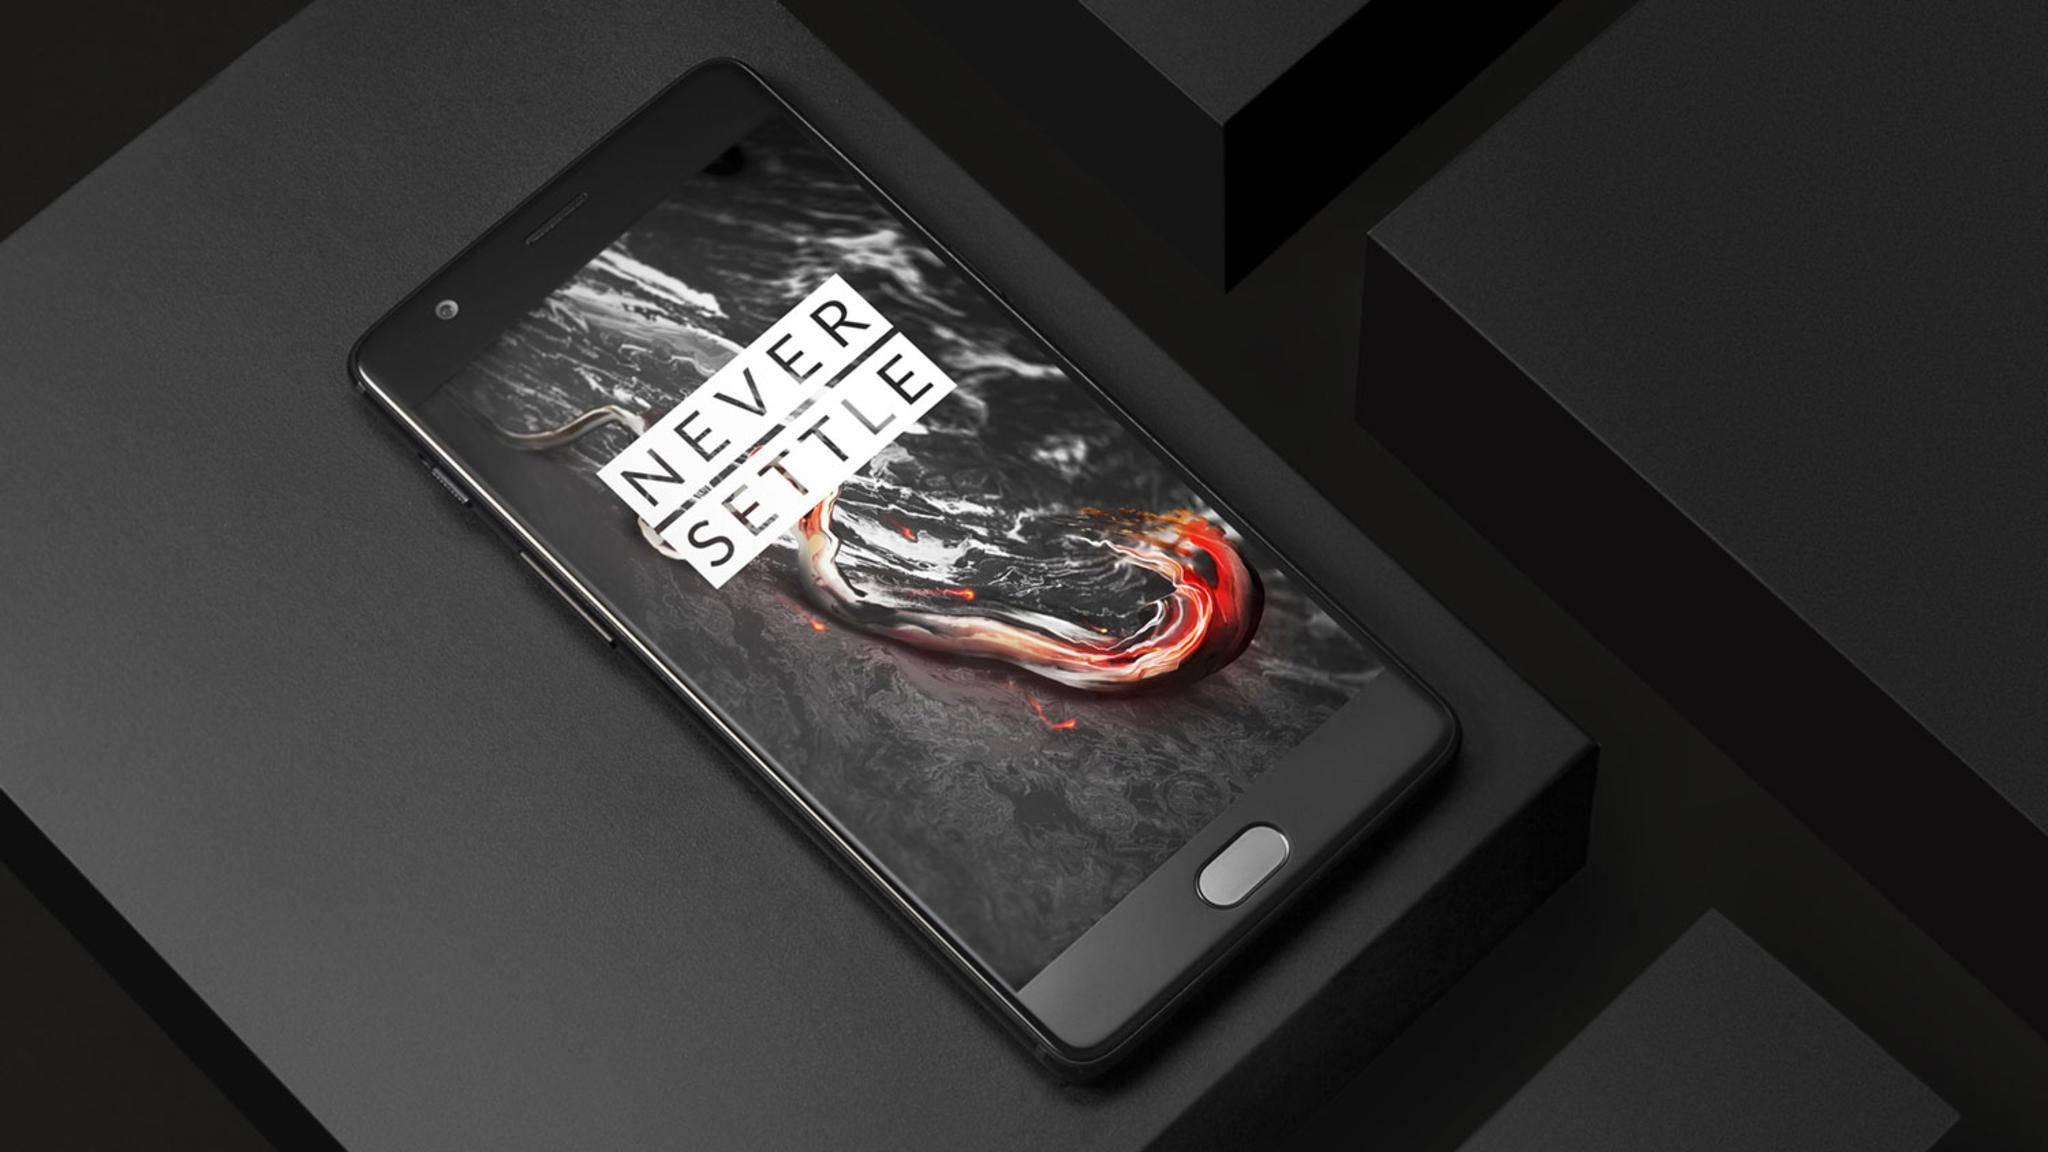 Sollen heimlich Nutzerdaten sammeln: Smartphones des chinesischen Herstellers OnePlus.